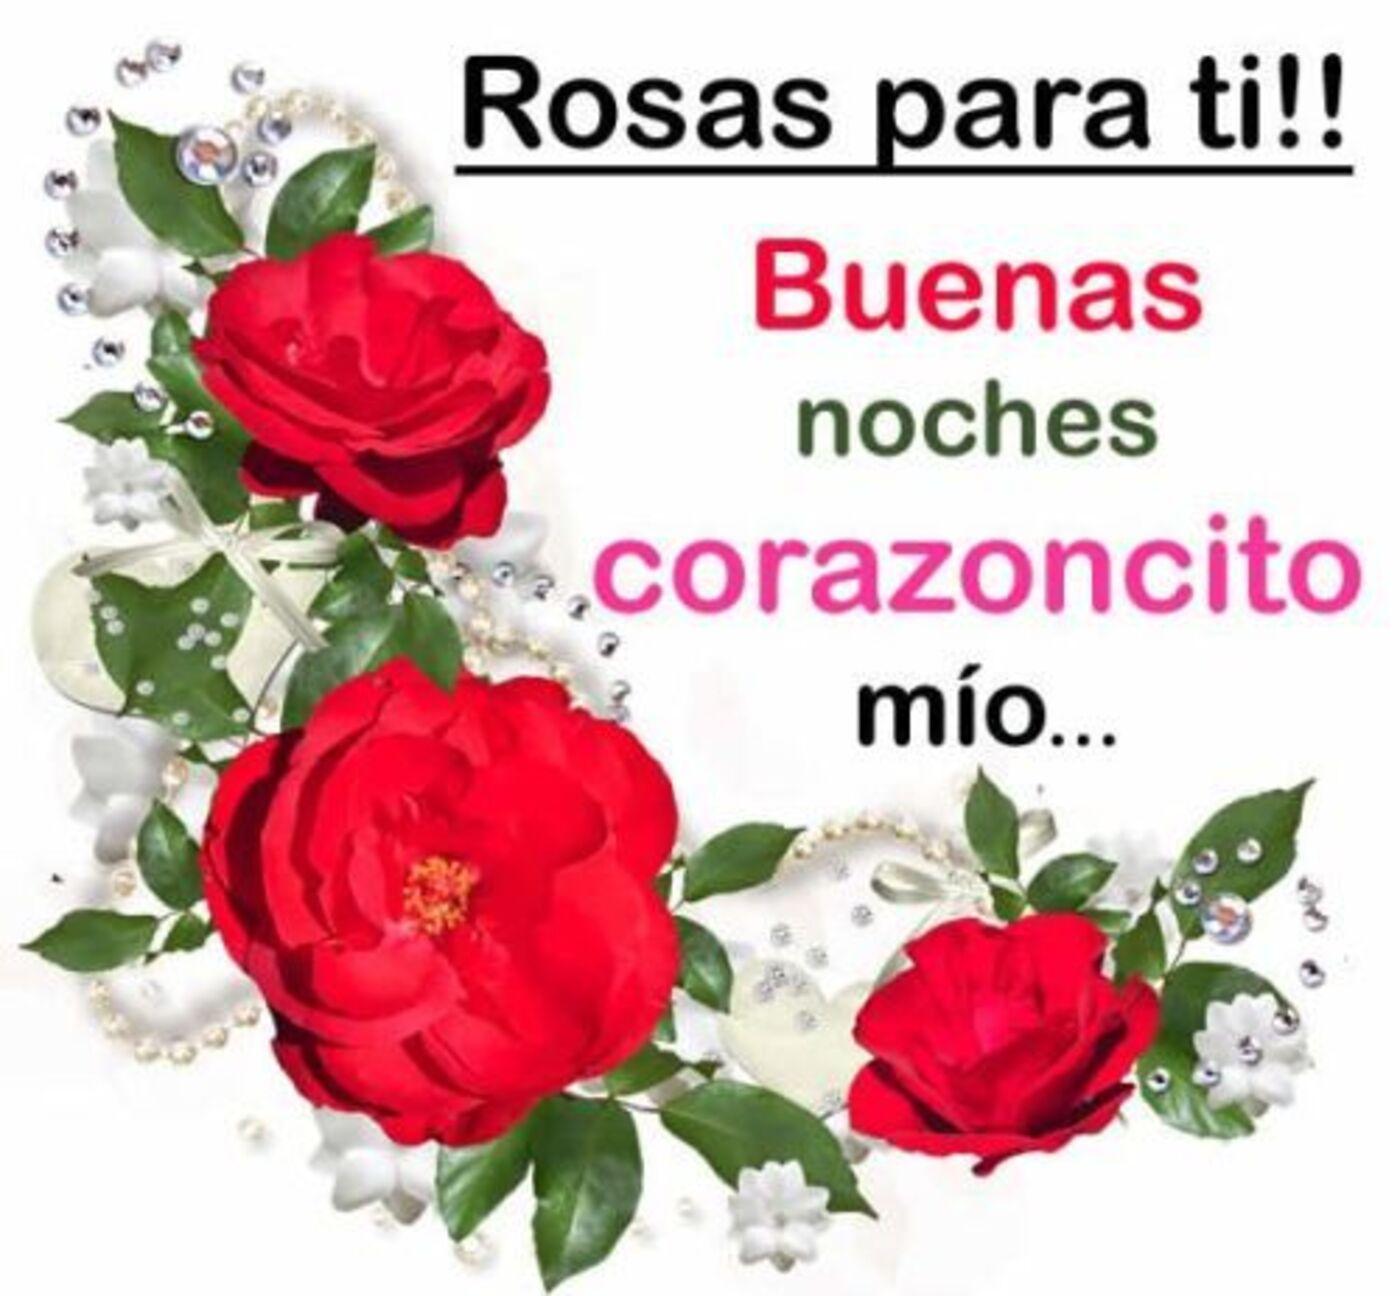 Rosas por ti!! Buenas noches corazoncito mio...